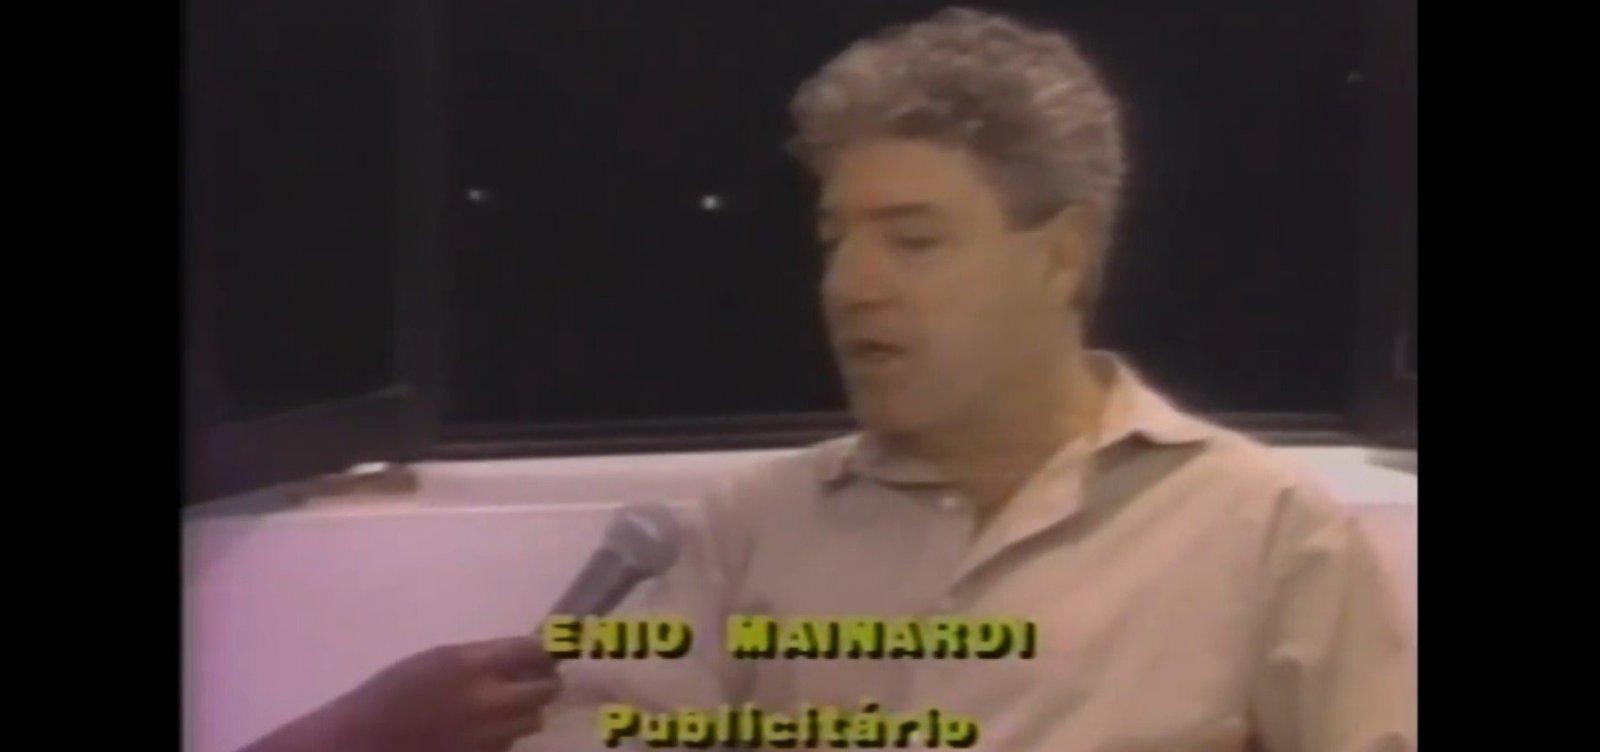 'Preto desvaloriza o produto anunciado', disse publicitário Ênio Mainardi em 1988